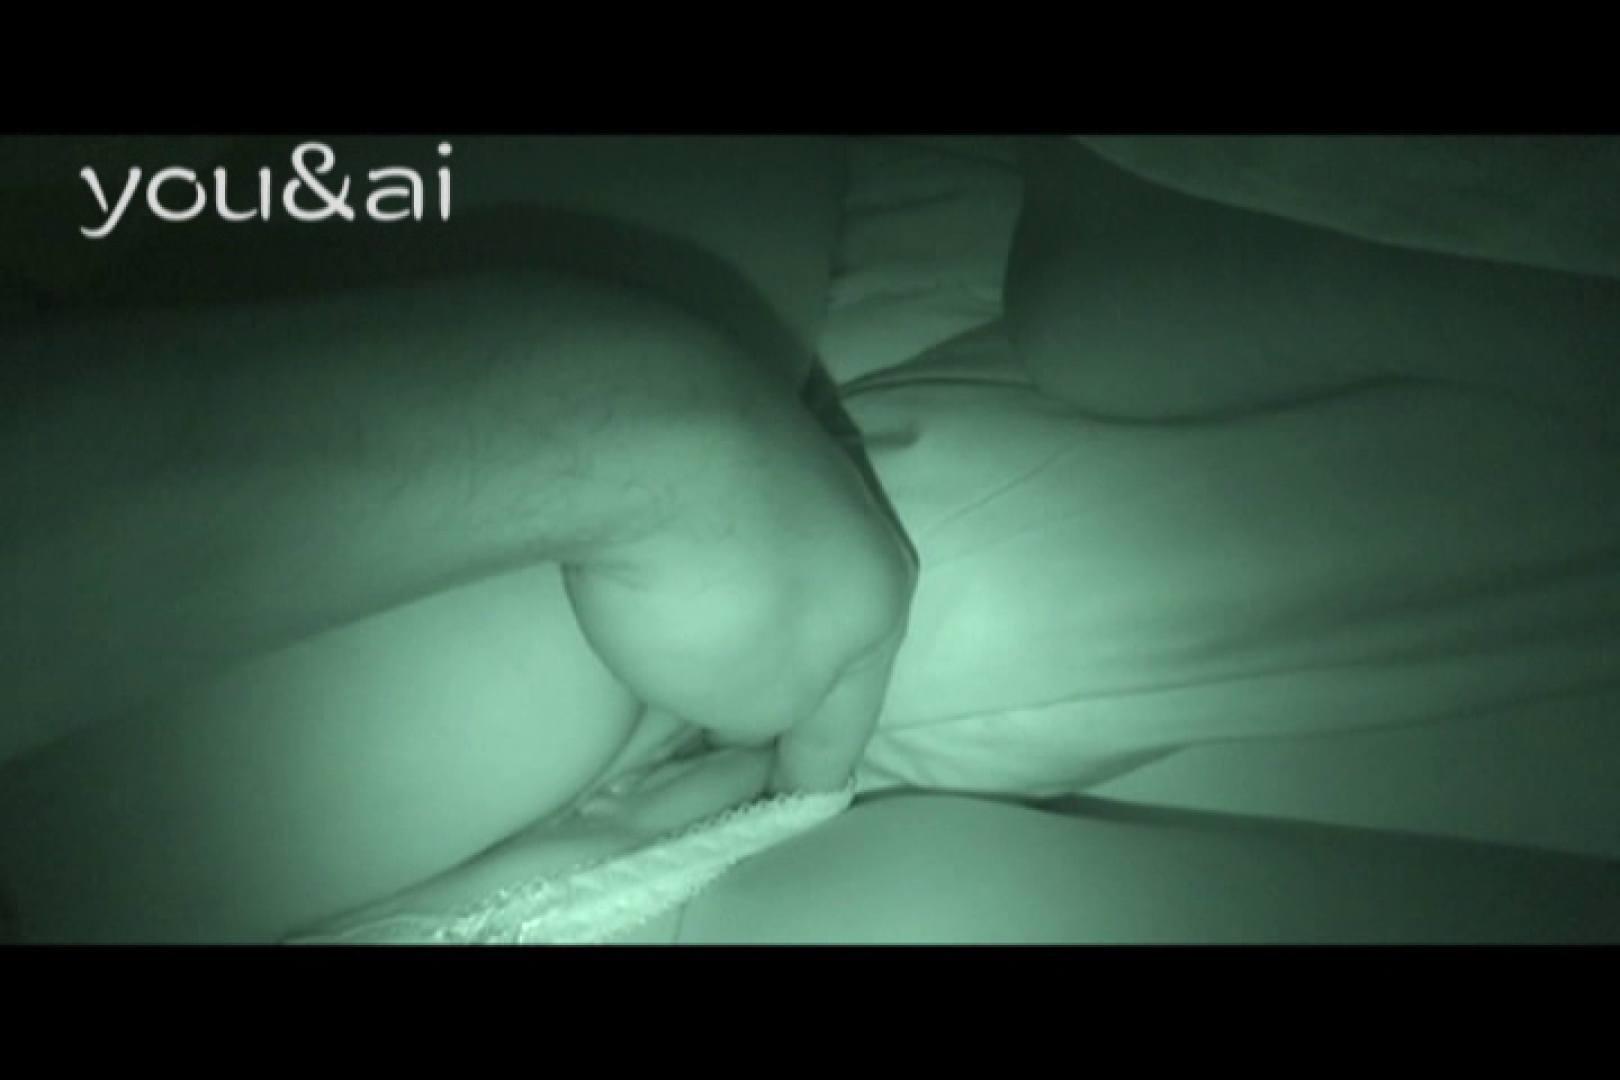 おしどり夫婦のyou&aiさん投稿作品vol.6 0   0  97画像 18